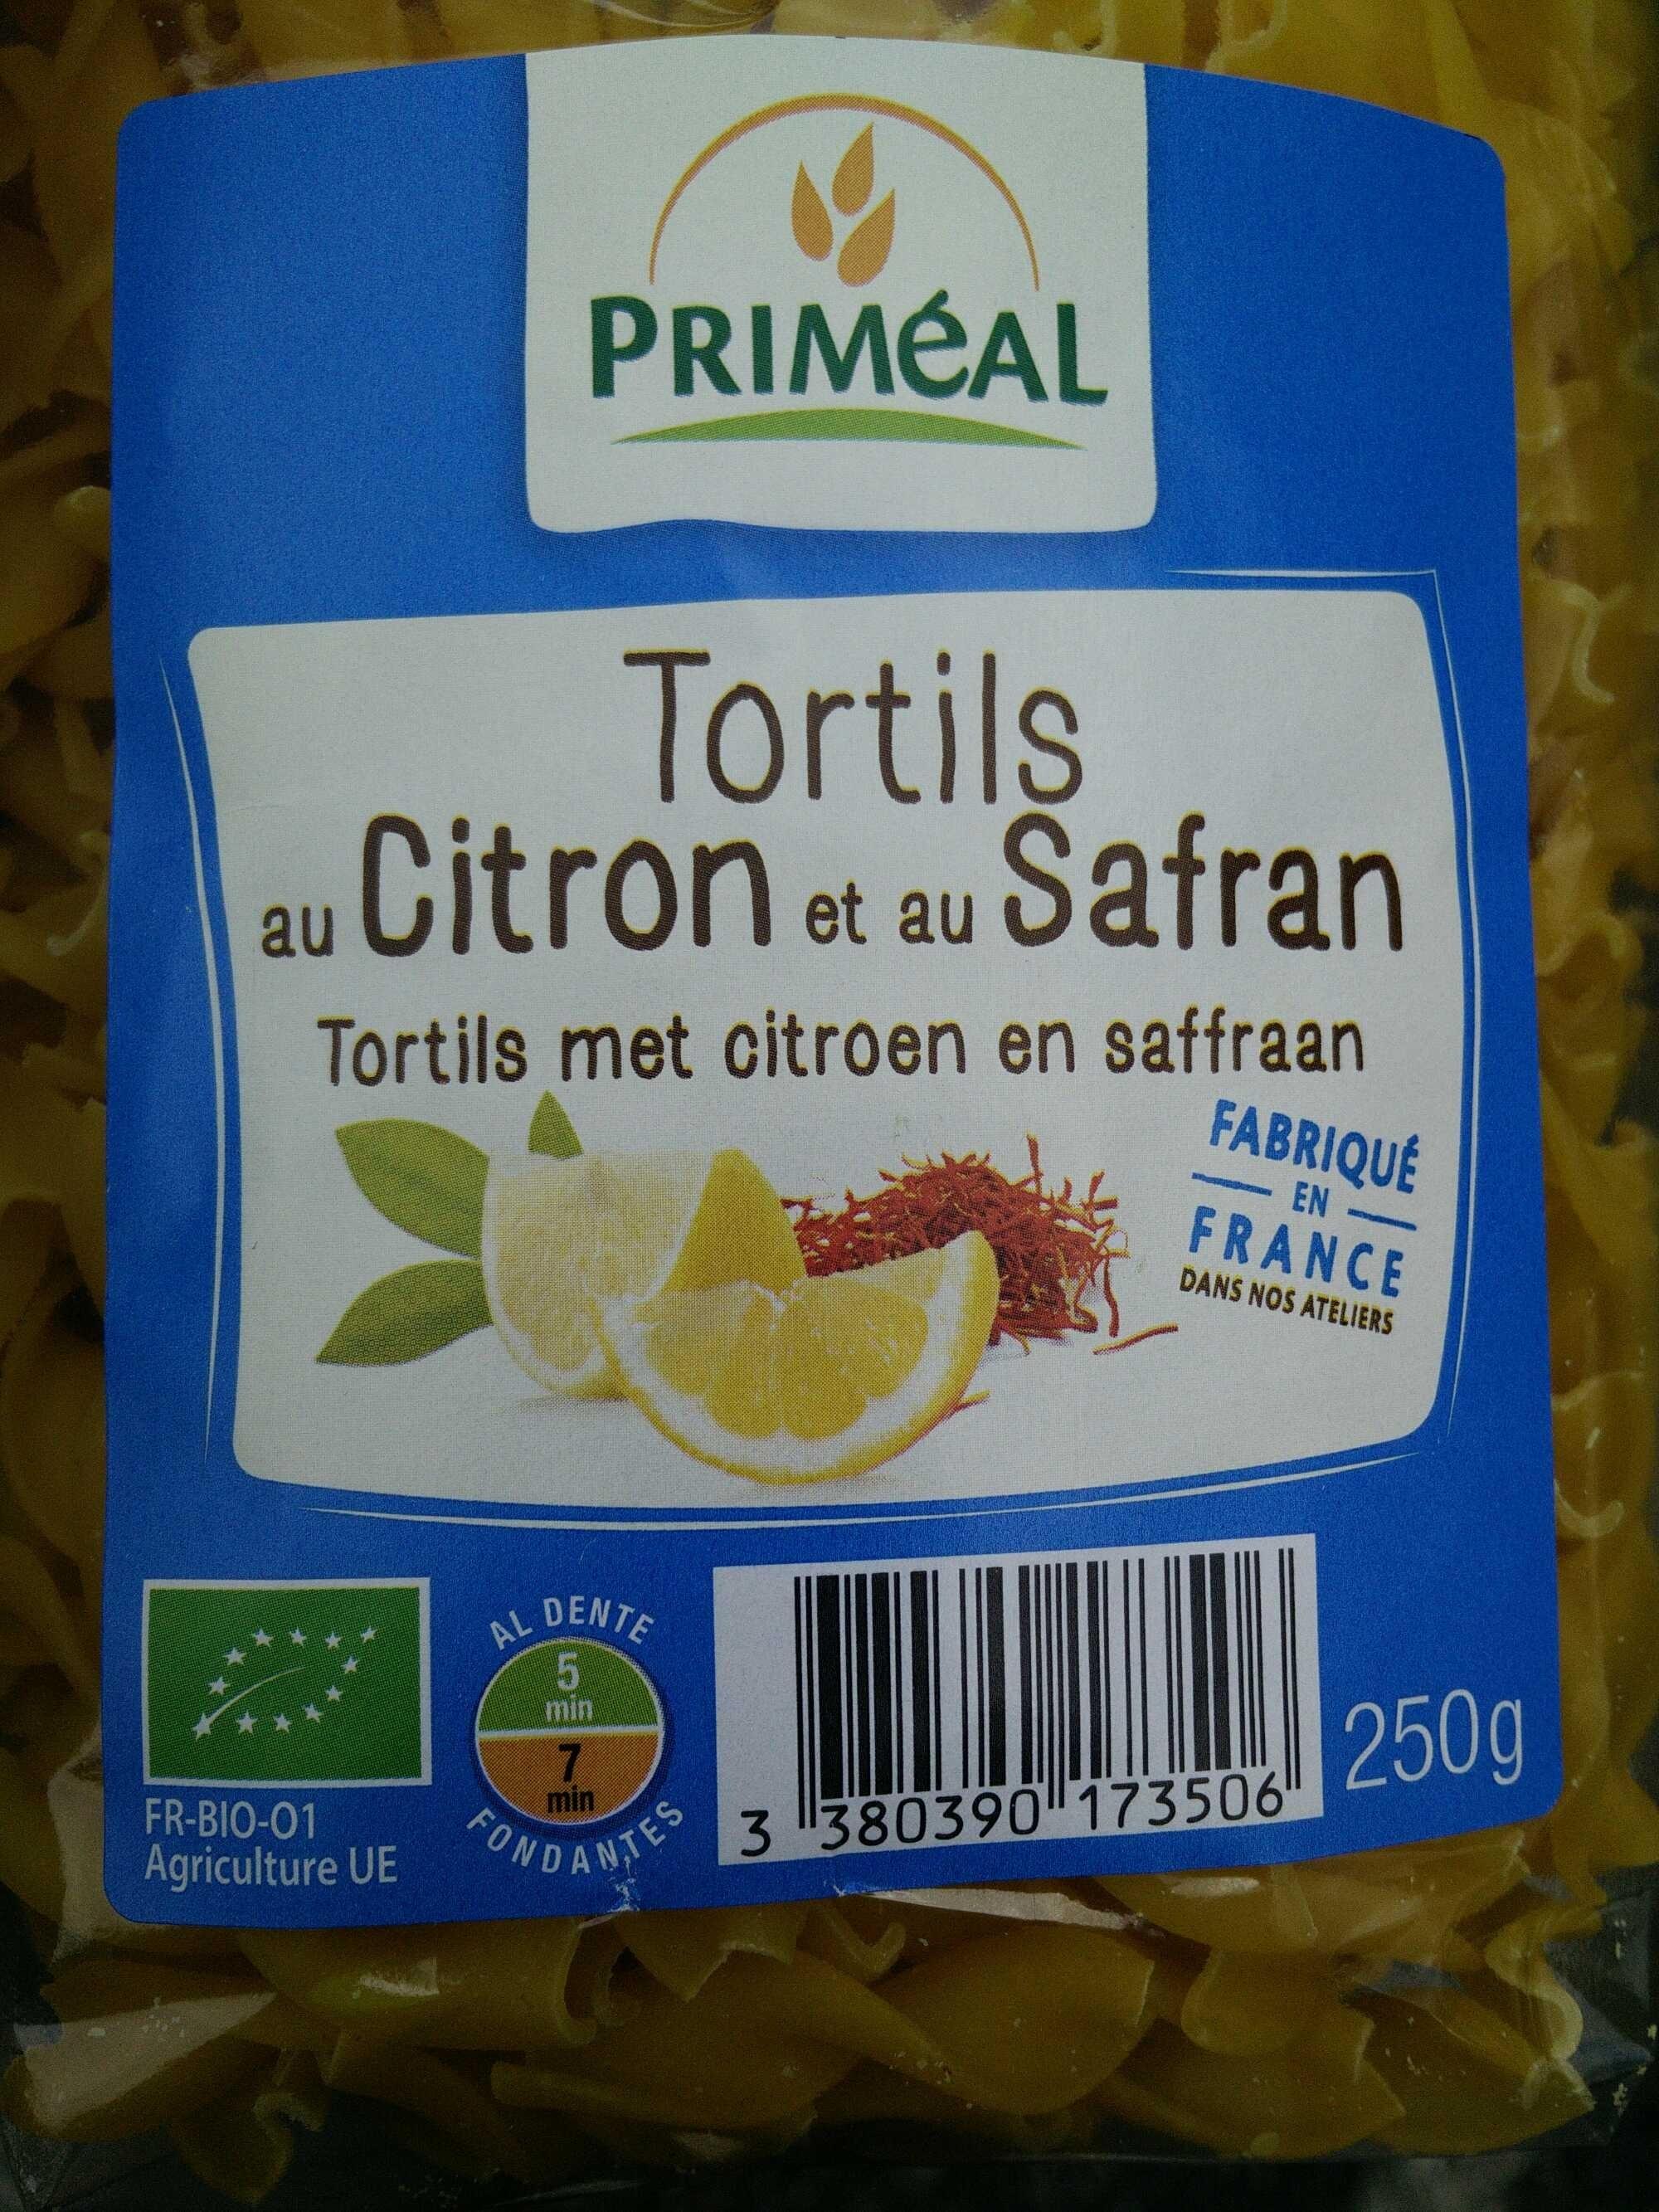 Tortils au citron et au safran - Produit